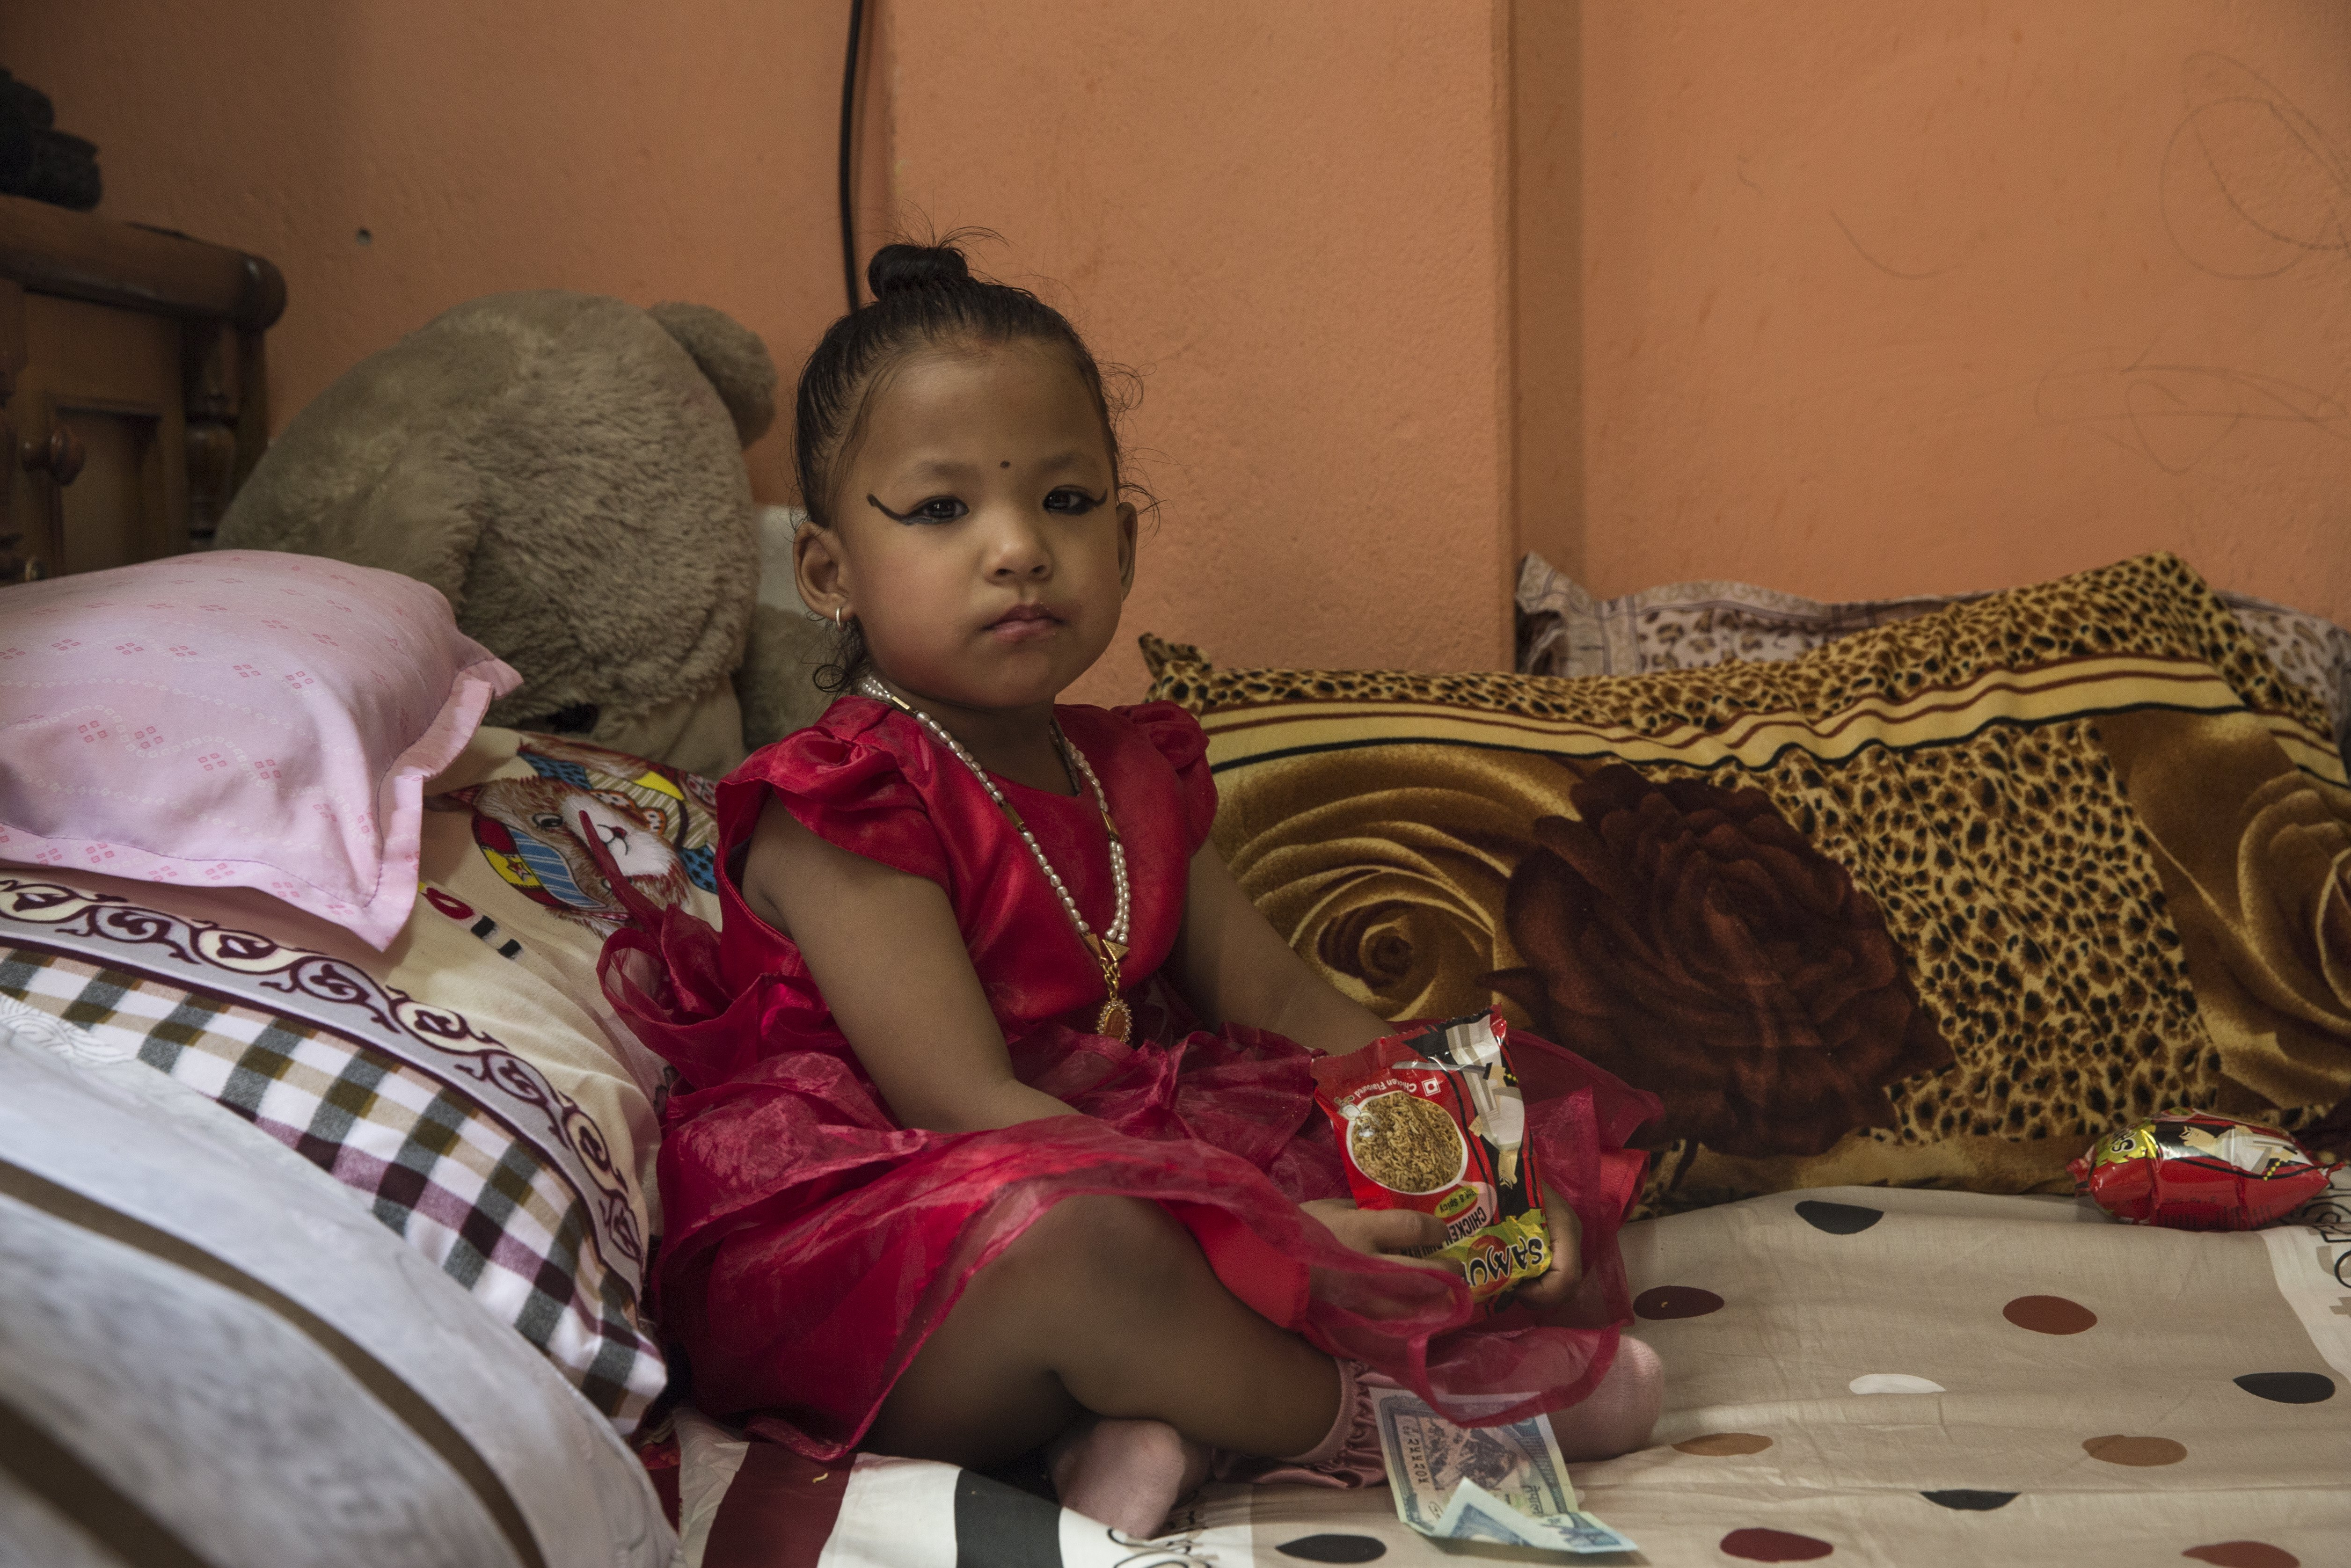 Тригодишната Тришна Шакия стана новата жива богиня на Непал и ще бъде почитана както от индуистите, така и от будистите, предаде Асошиейтед прес. Новата жива богиня беше отнесена с религиозна церемония до храма-дворец в сърцето на непалската столица, където ще живее до пубертета си. Стотици хора се струпаха, за да видят момичето, облечено в червена рокля и нагиздено с гирлянди от цветя.